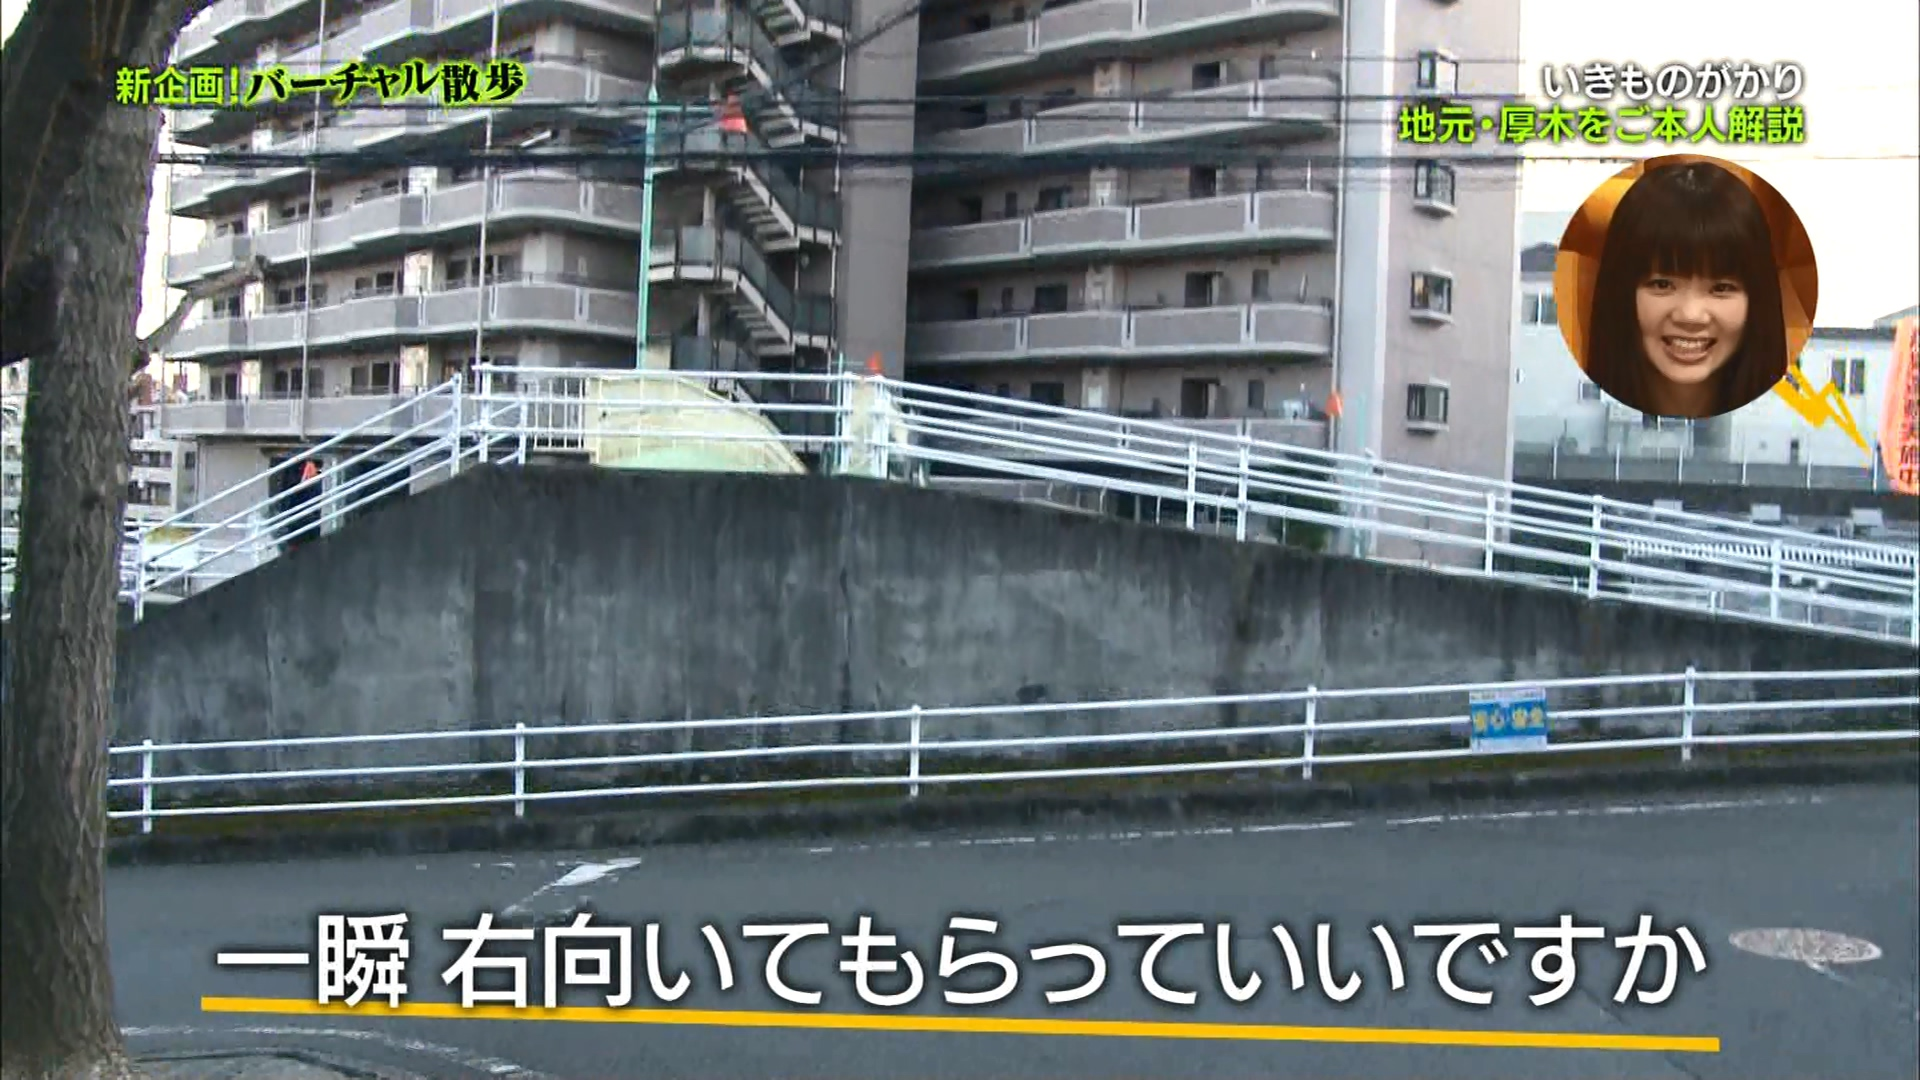 2016.03.11 全場(バズリズム).ts_20160312_013949.044